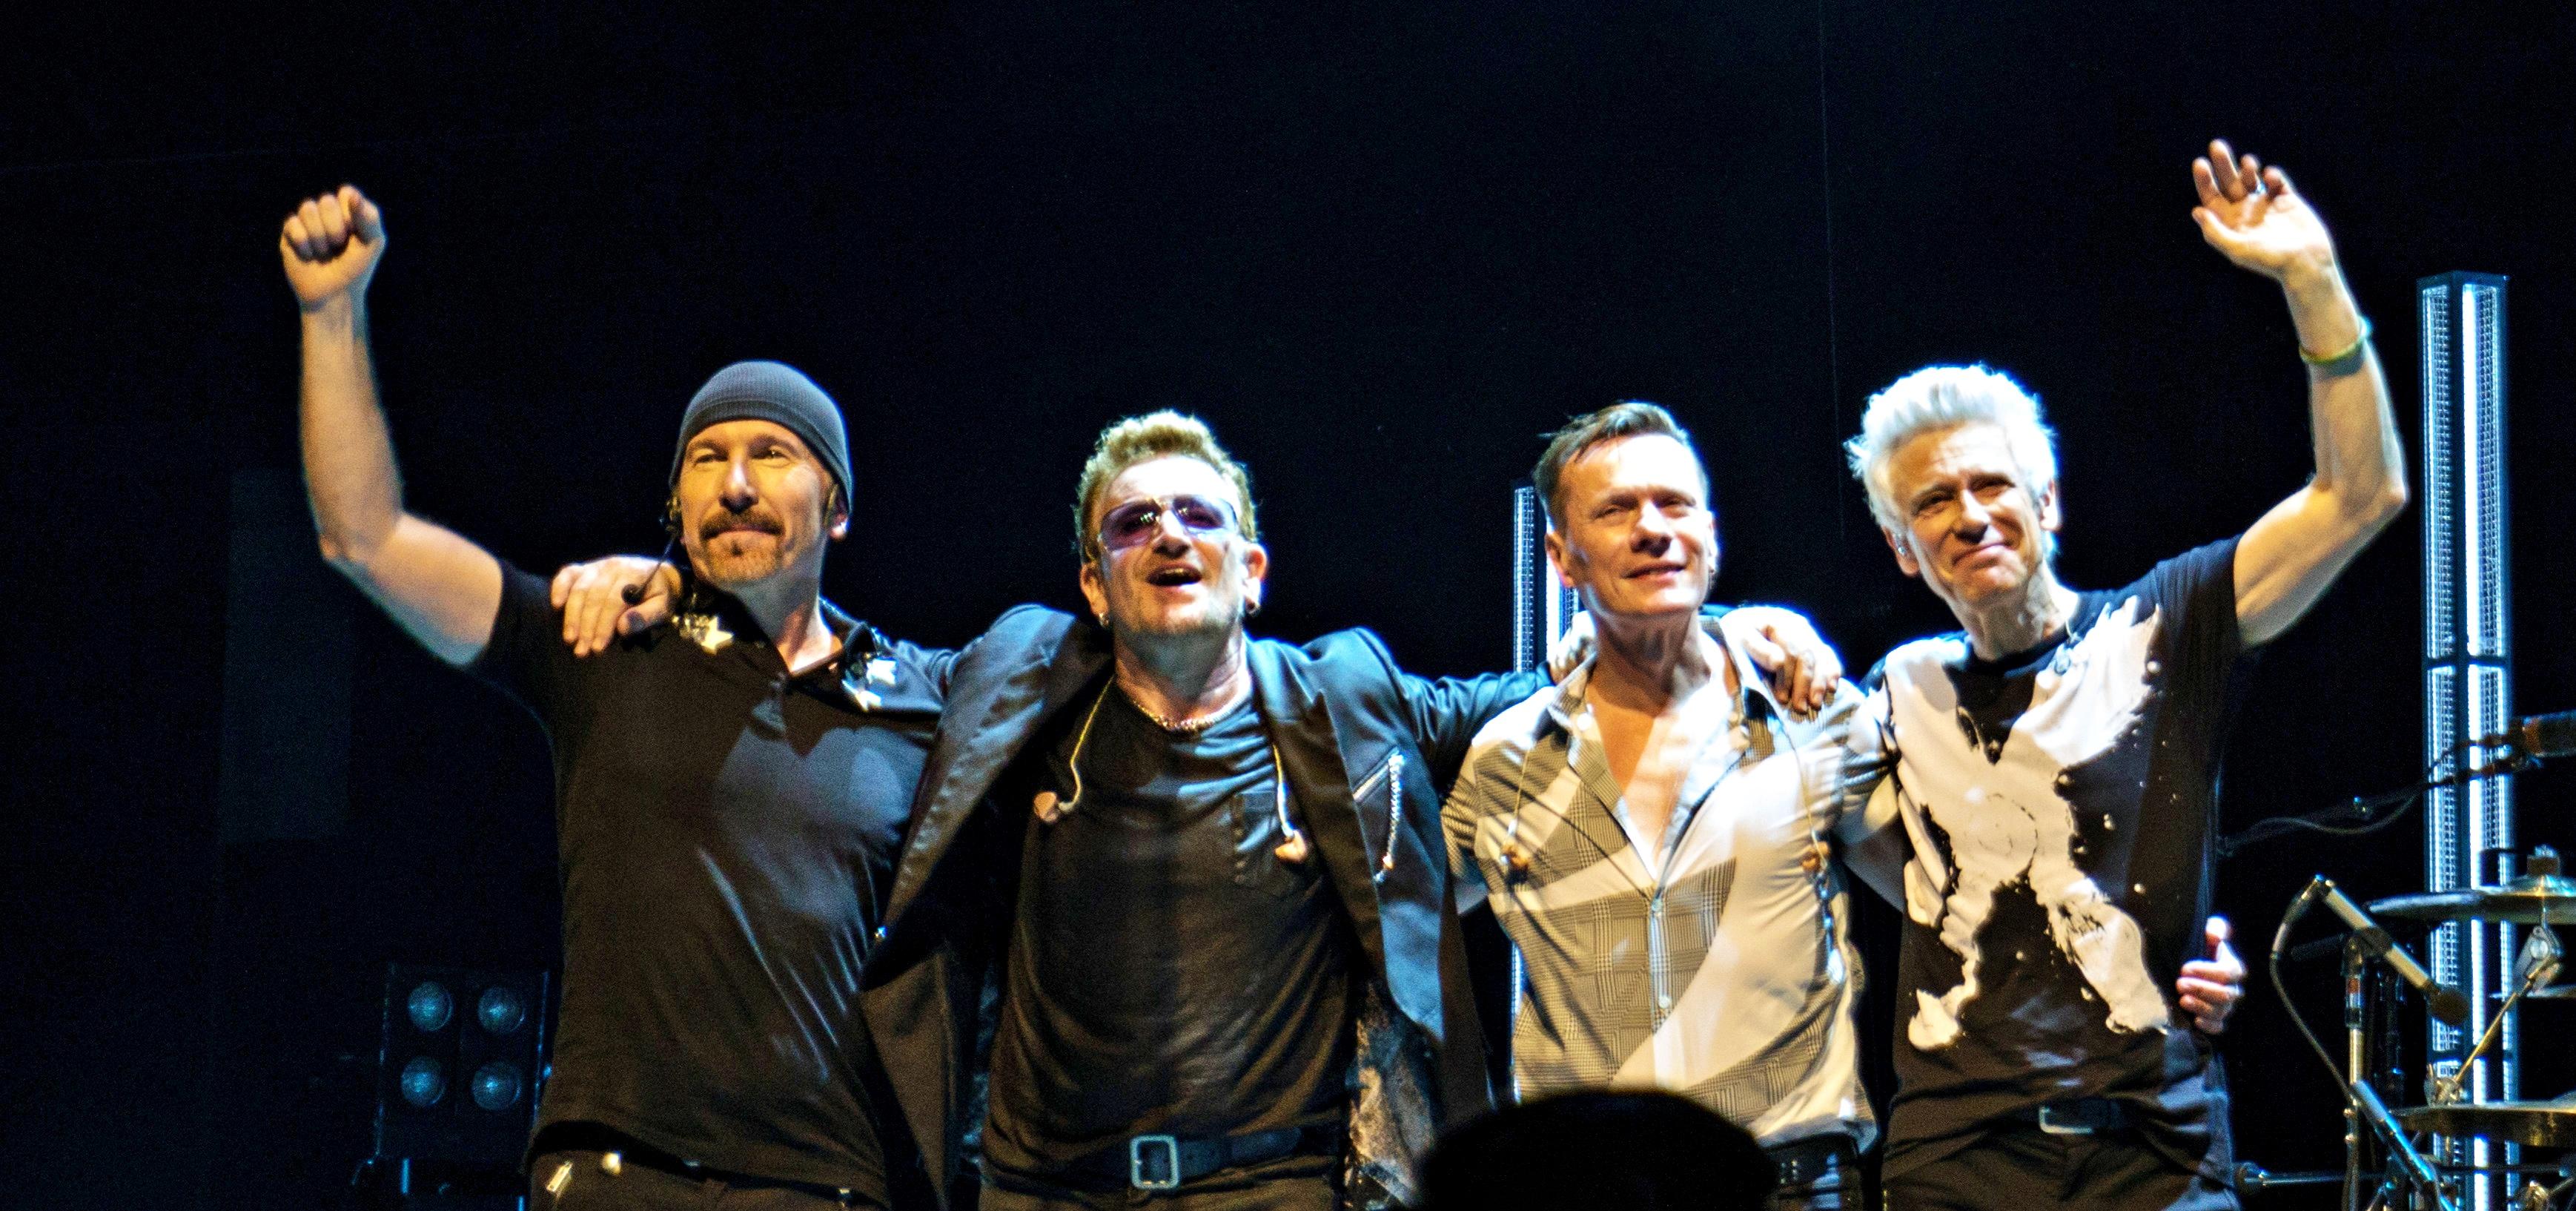 Gli U2 hanno pubblicato (a sorpresa) un nuovo singolo